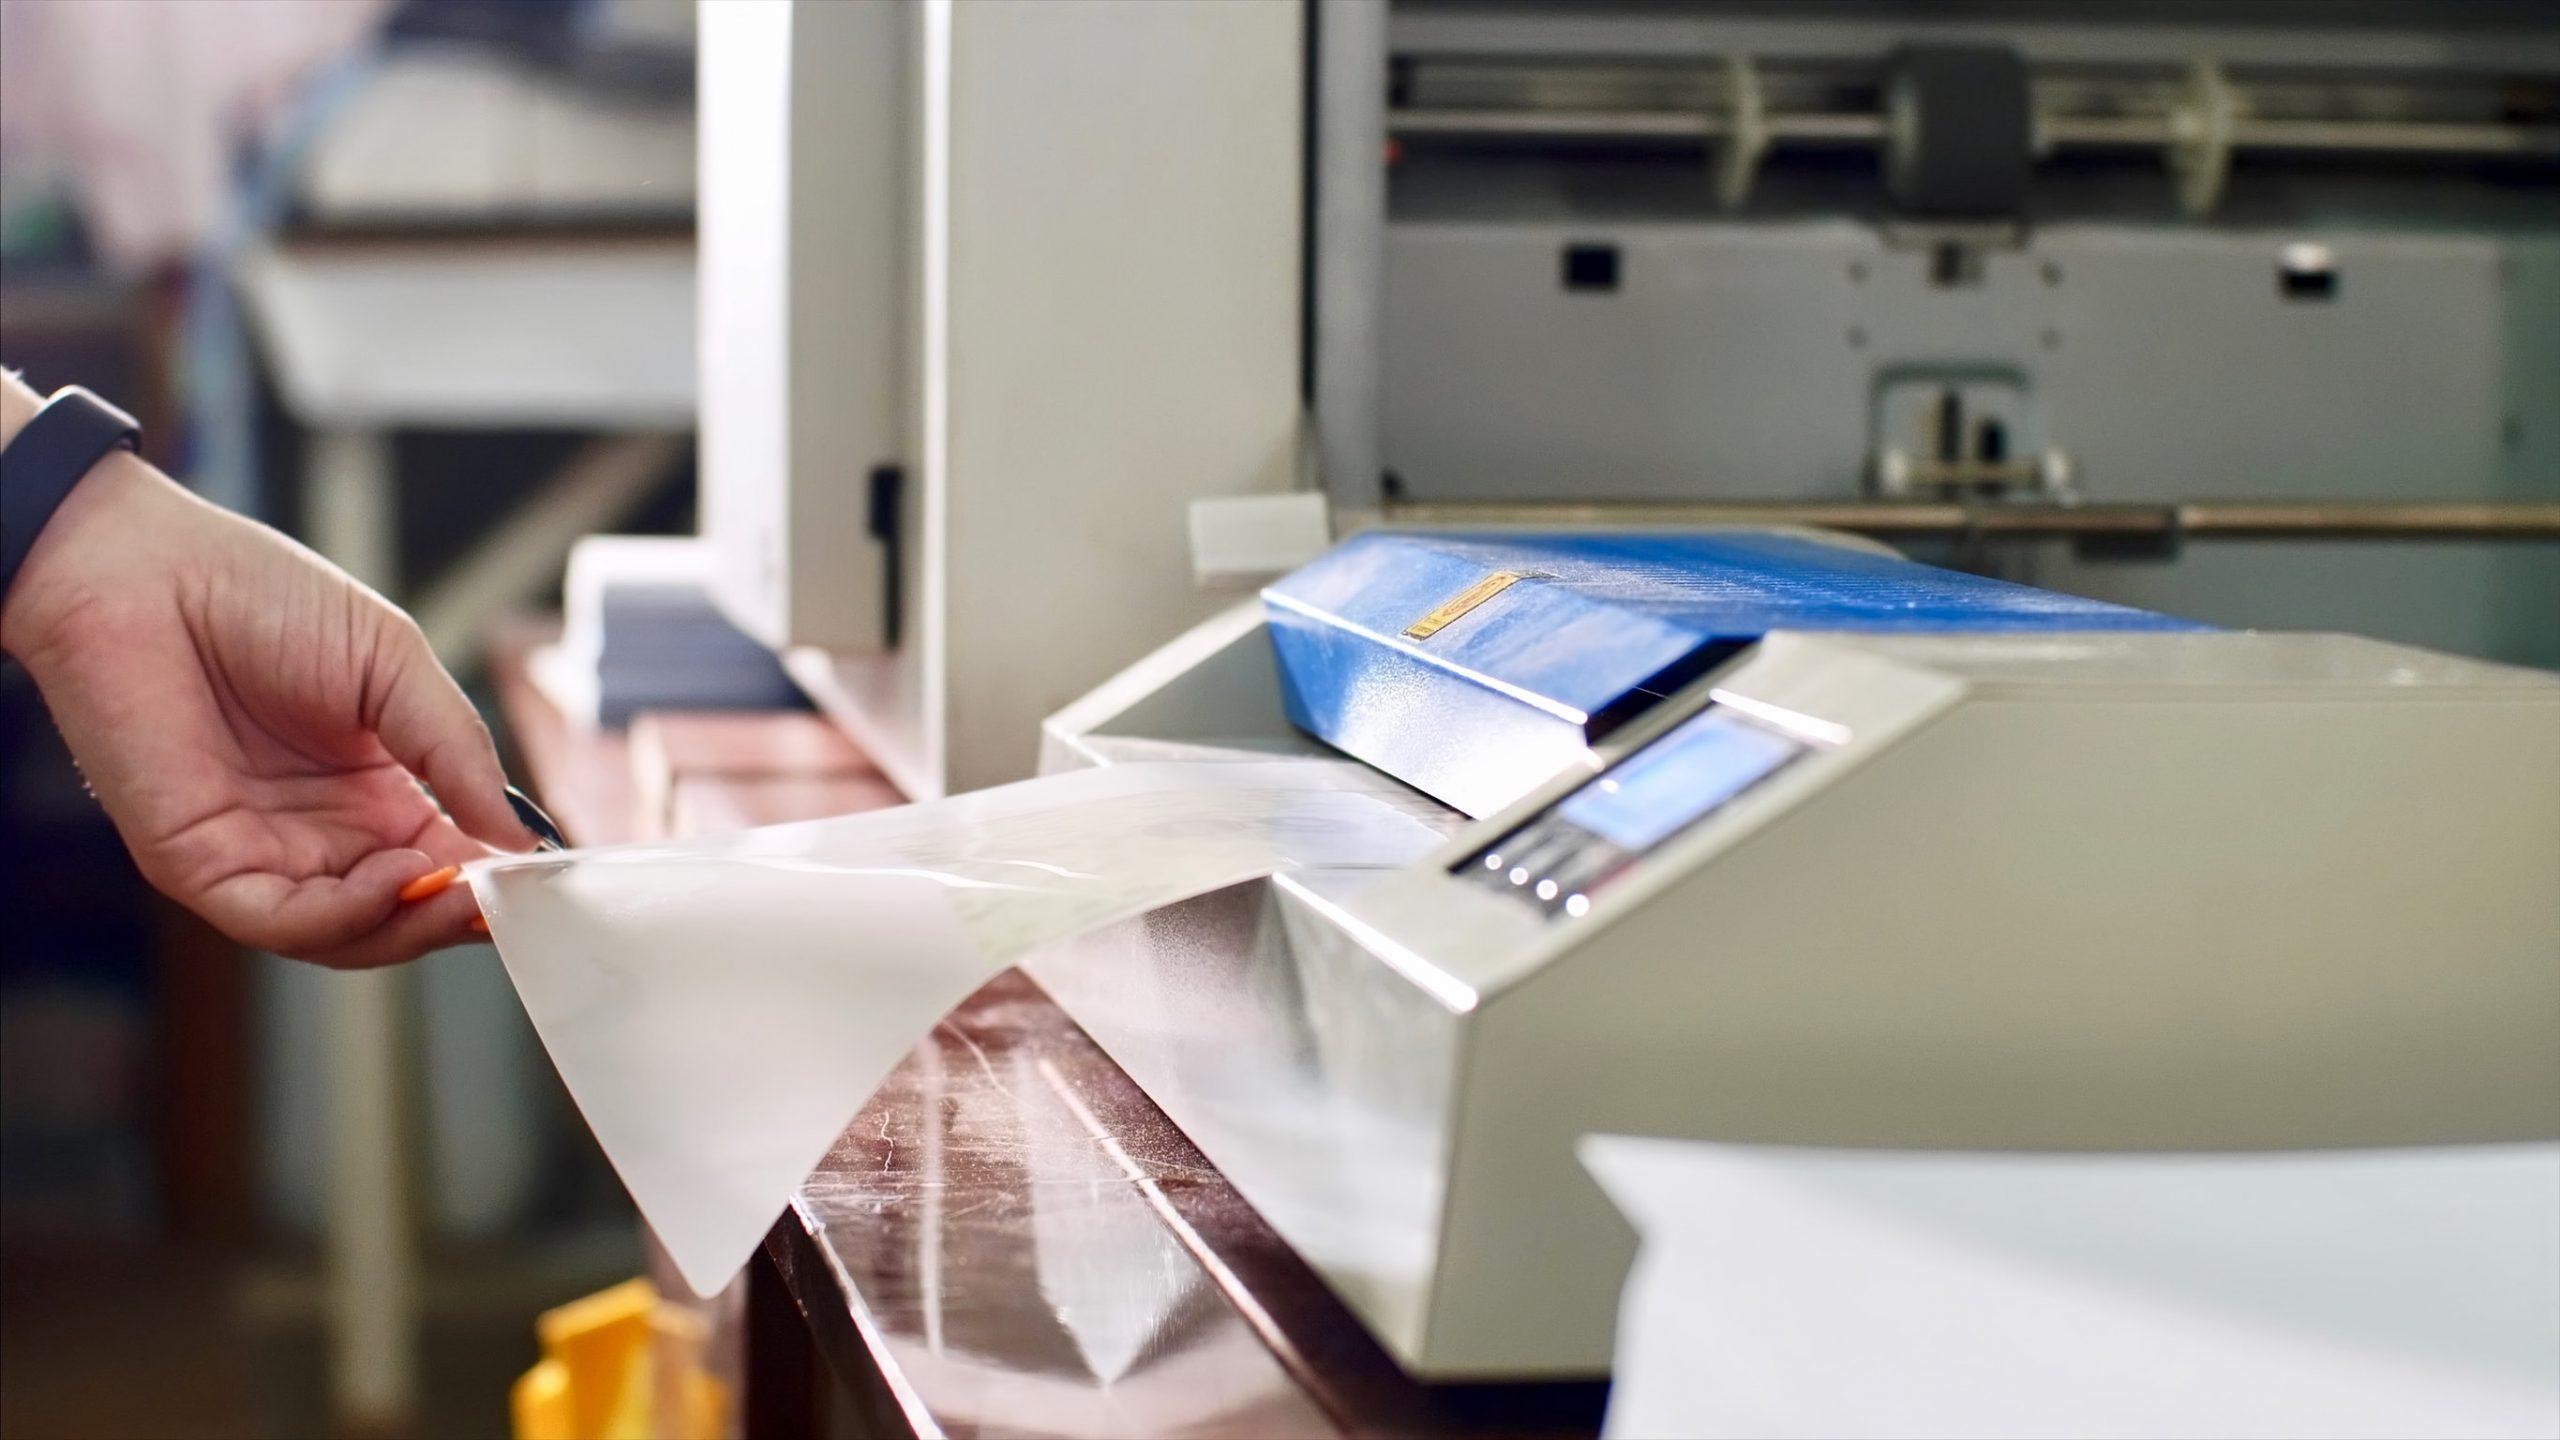 La mujer está laminando papel en la laminadora de la máquina laminadora en tipografía.